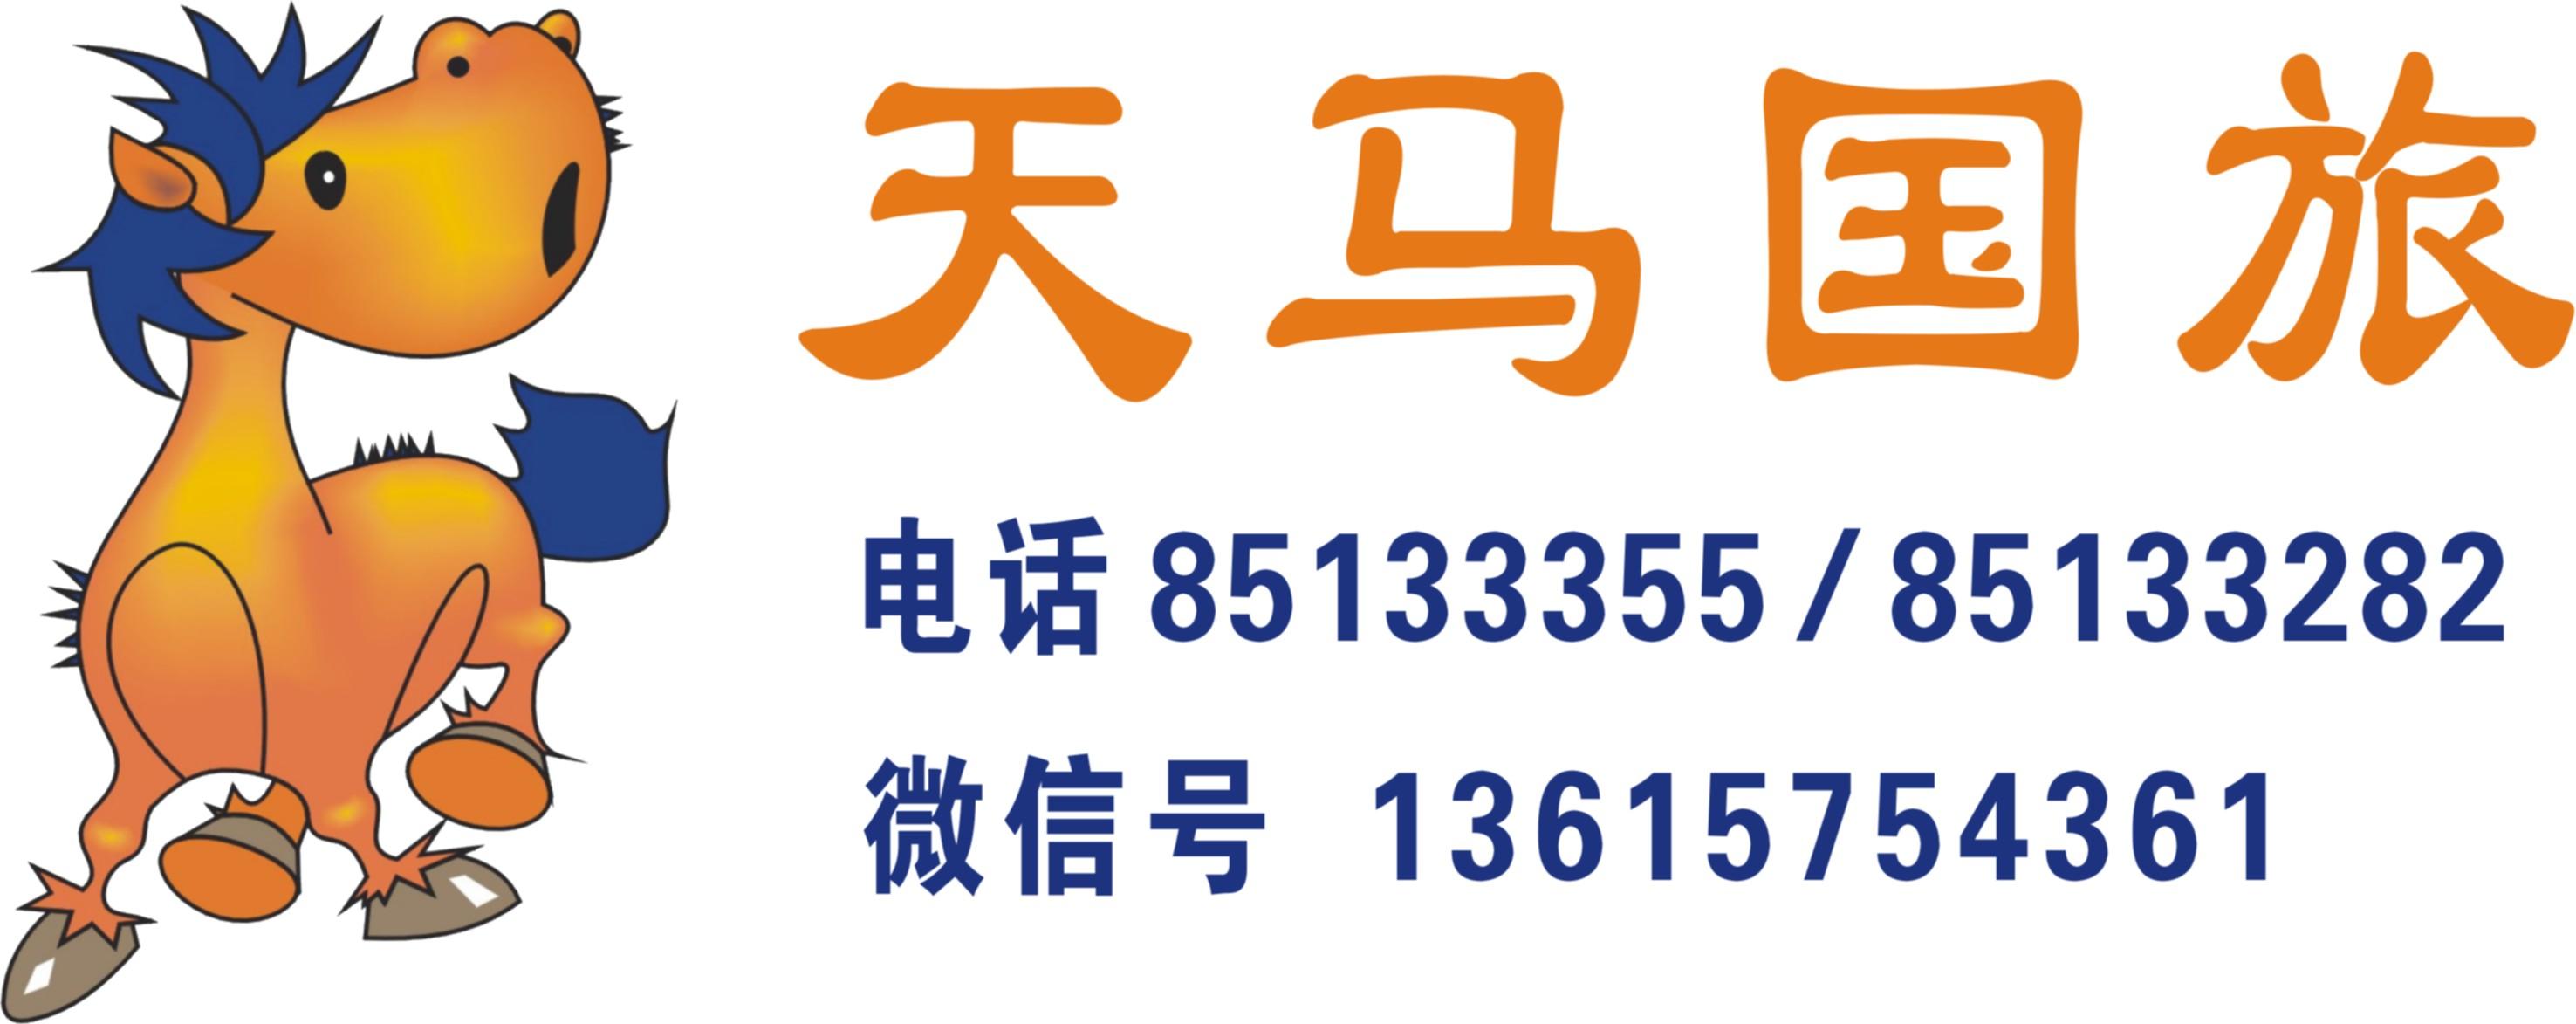 绍兴天马国际旅游有限责任公司